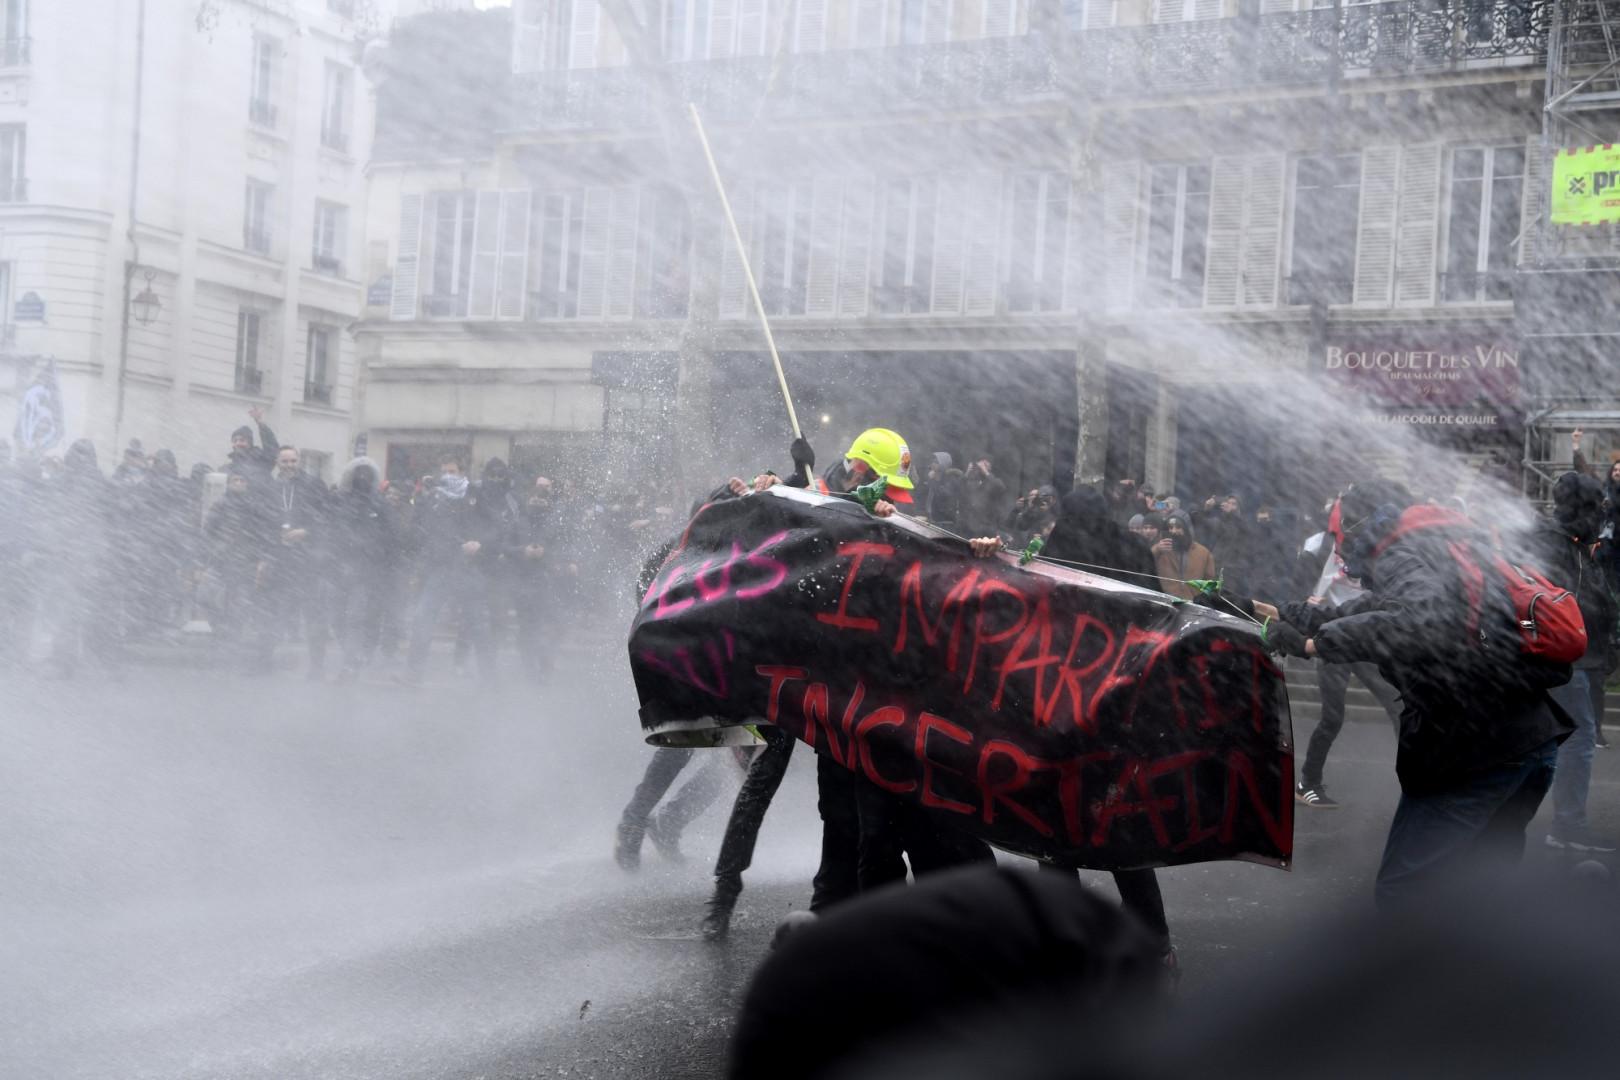 Les policiers répliquent avec des canons à eau face à des manifestants lors de la manifestation du 22 mars à Paris